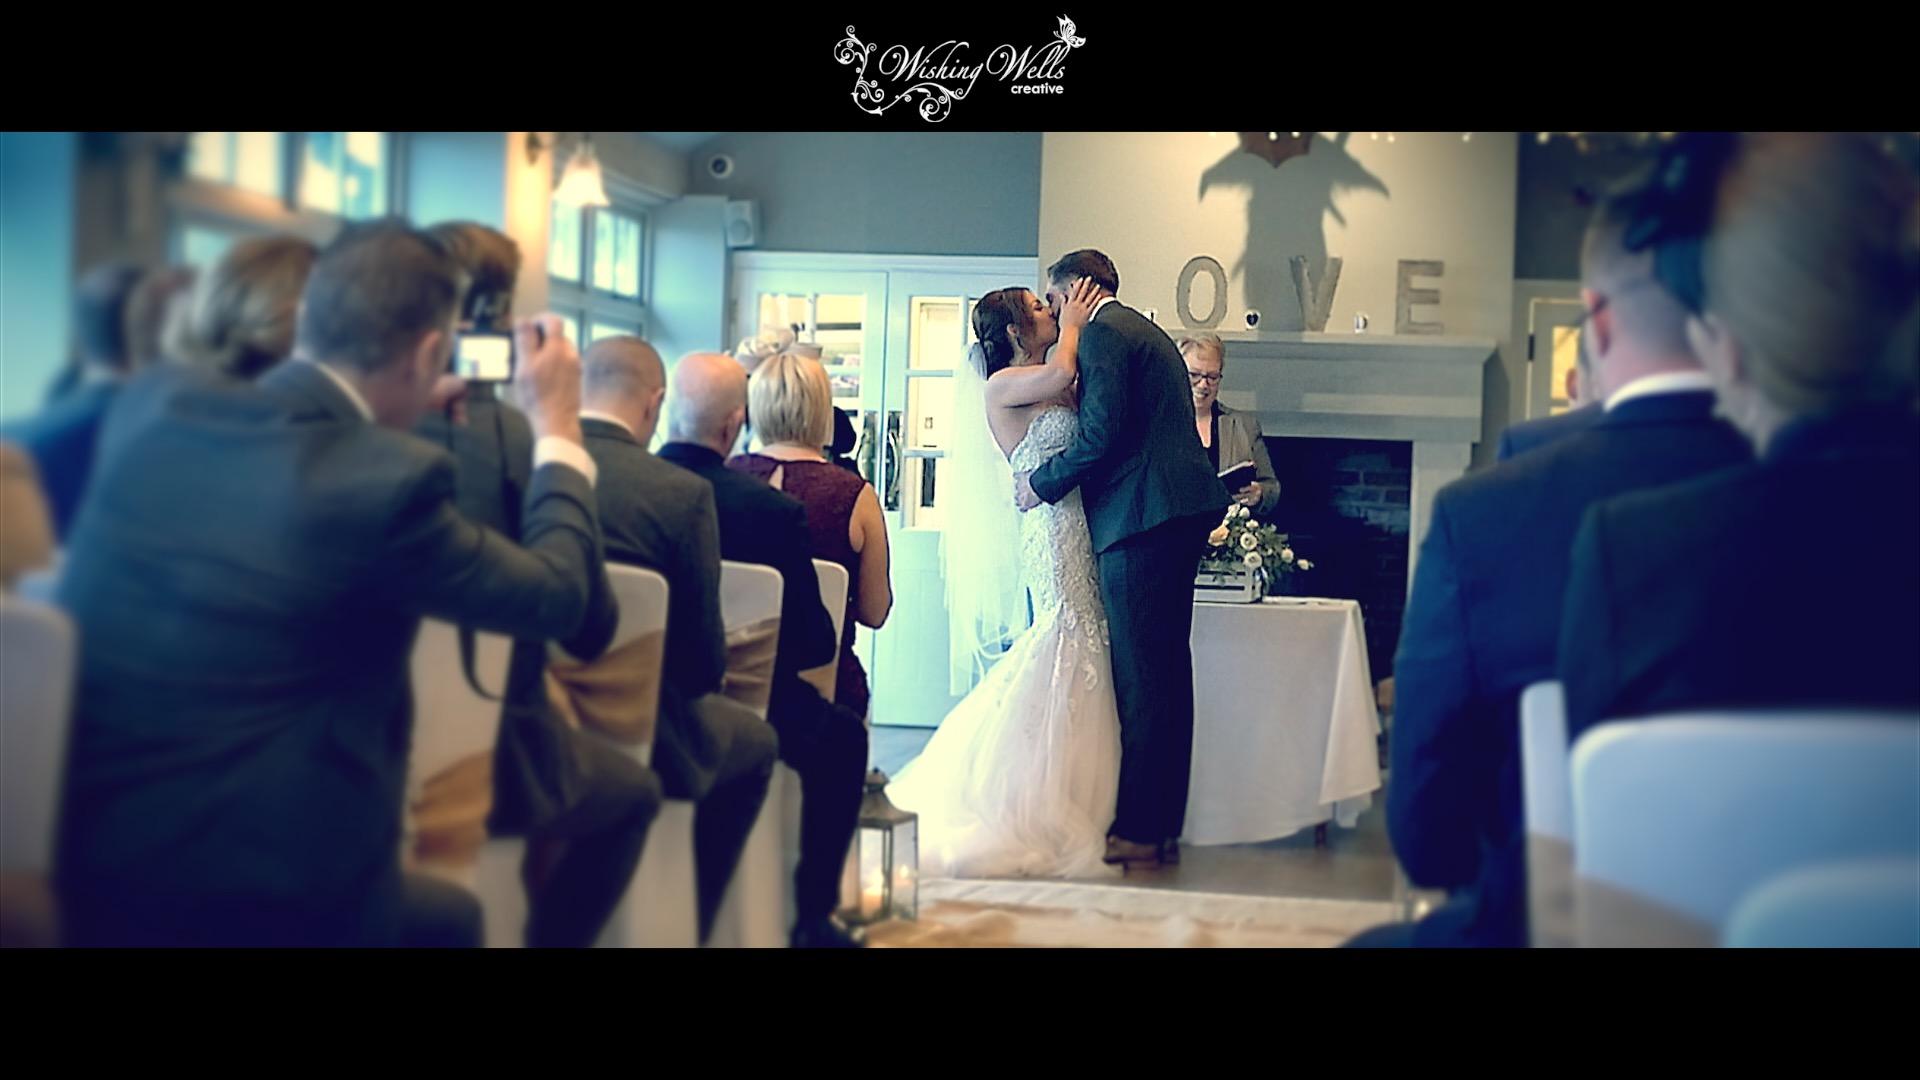 First kiss as man & wife at alma inn